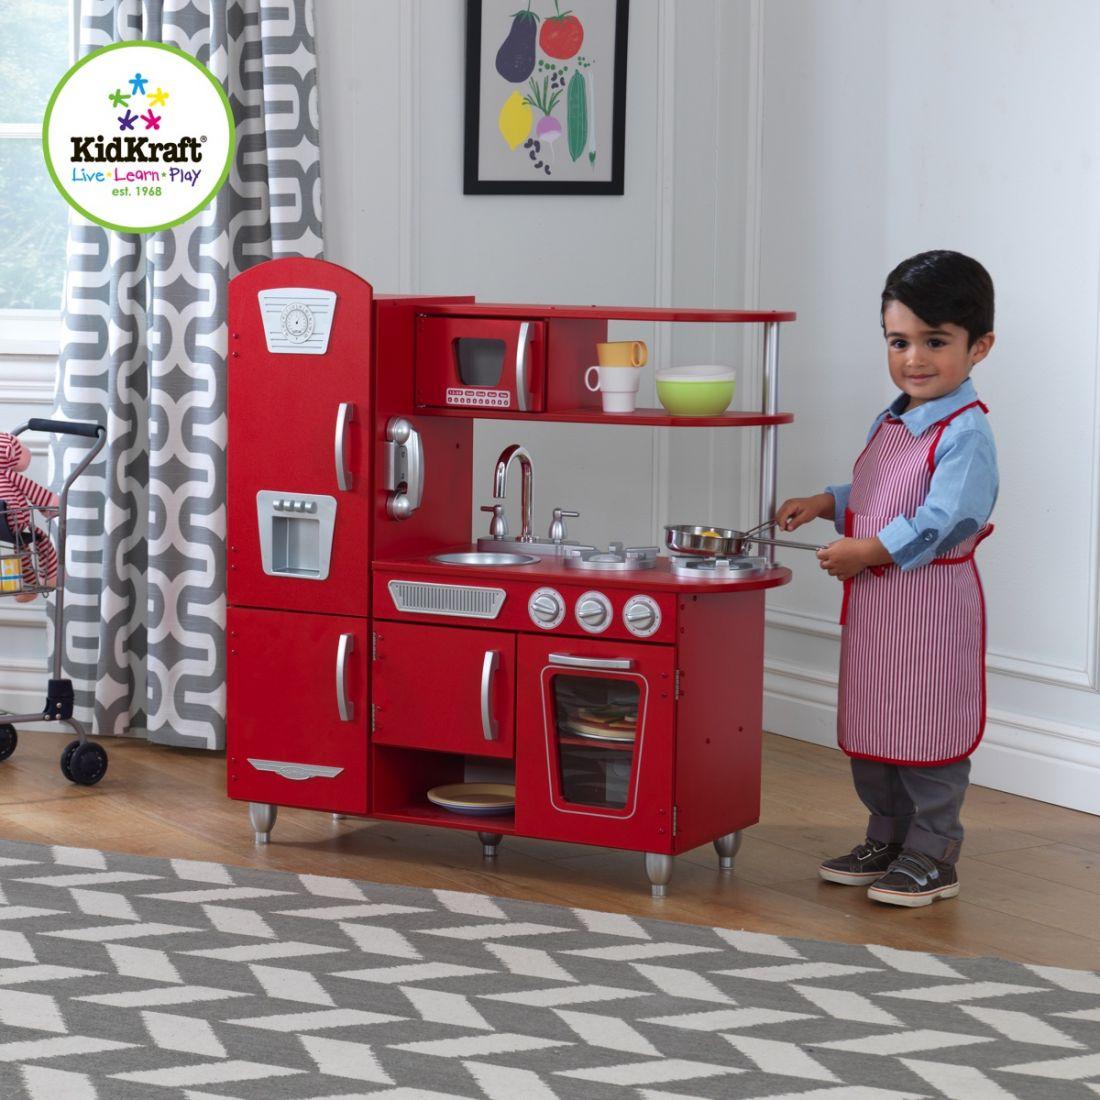 Детская деревянная кухня Kidkraft Vintage 53173